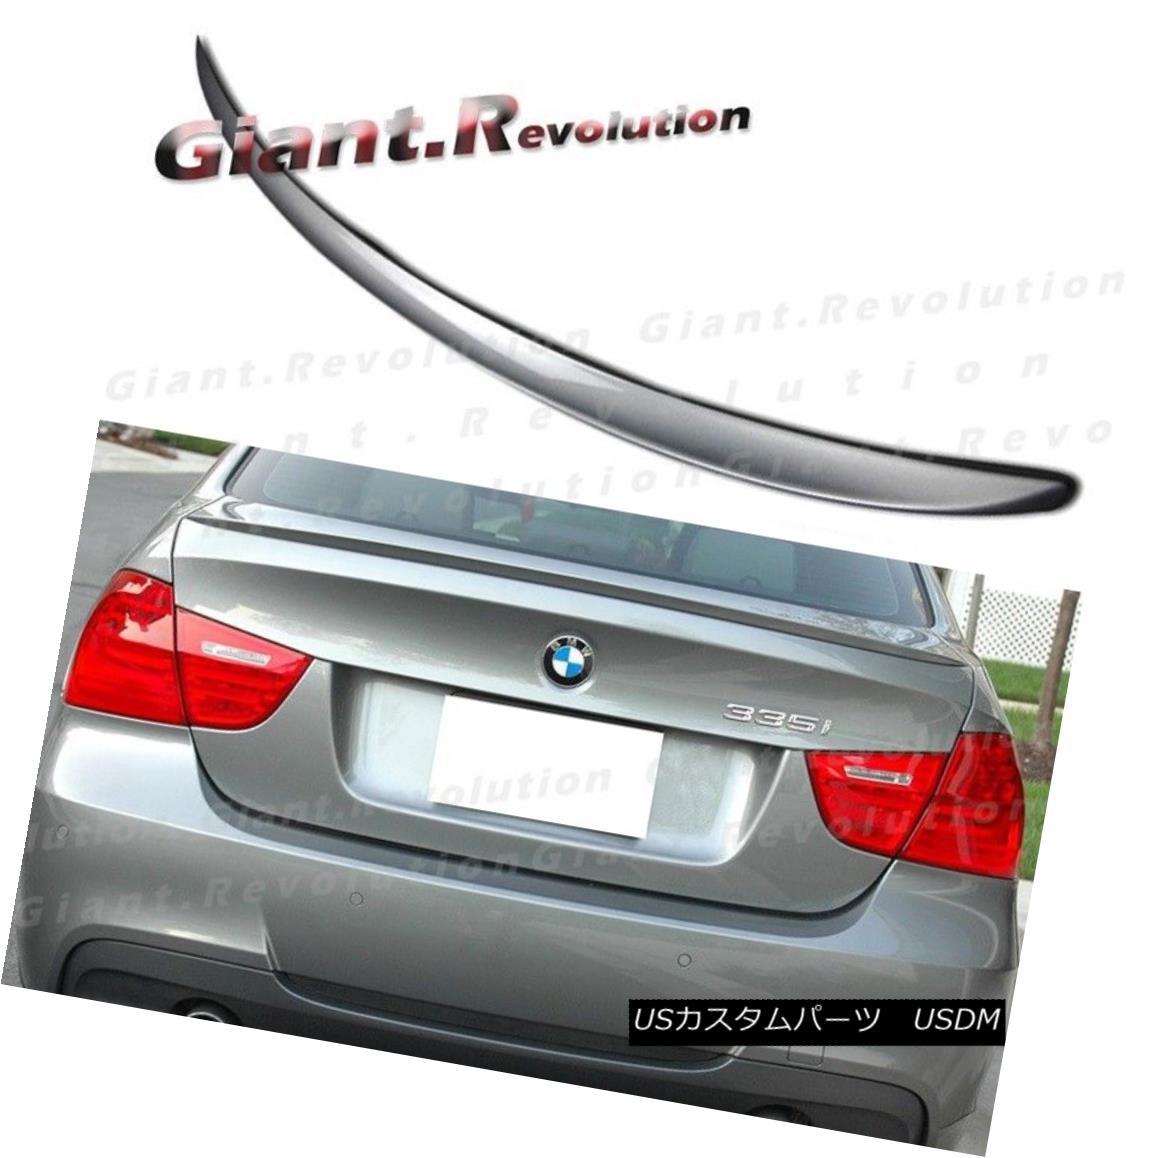 エアロパーツ #A52 Space Gray M3 Type Trunk Spoiler For BMW E90 323i 328i 335d Sedan Rear Boot #A52スペースグレーM3タイプのトランク・スポイラー、BMW E90 323i 328i 335dセダンリア・ブーツ